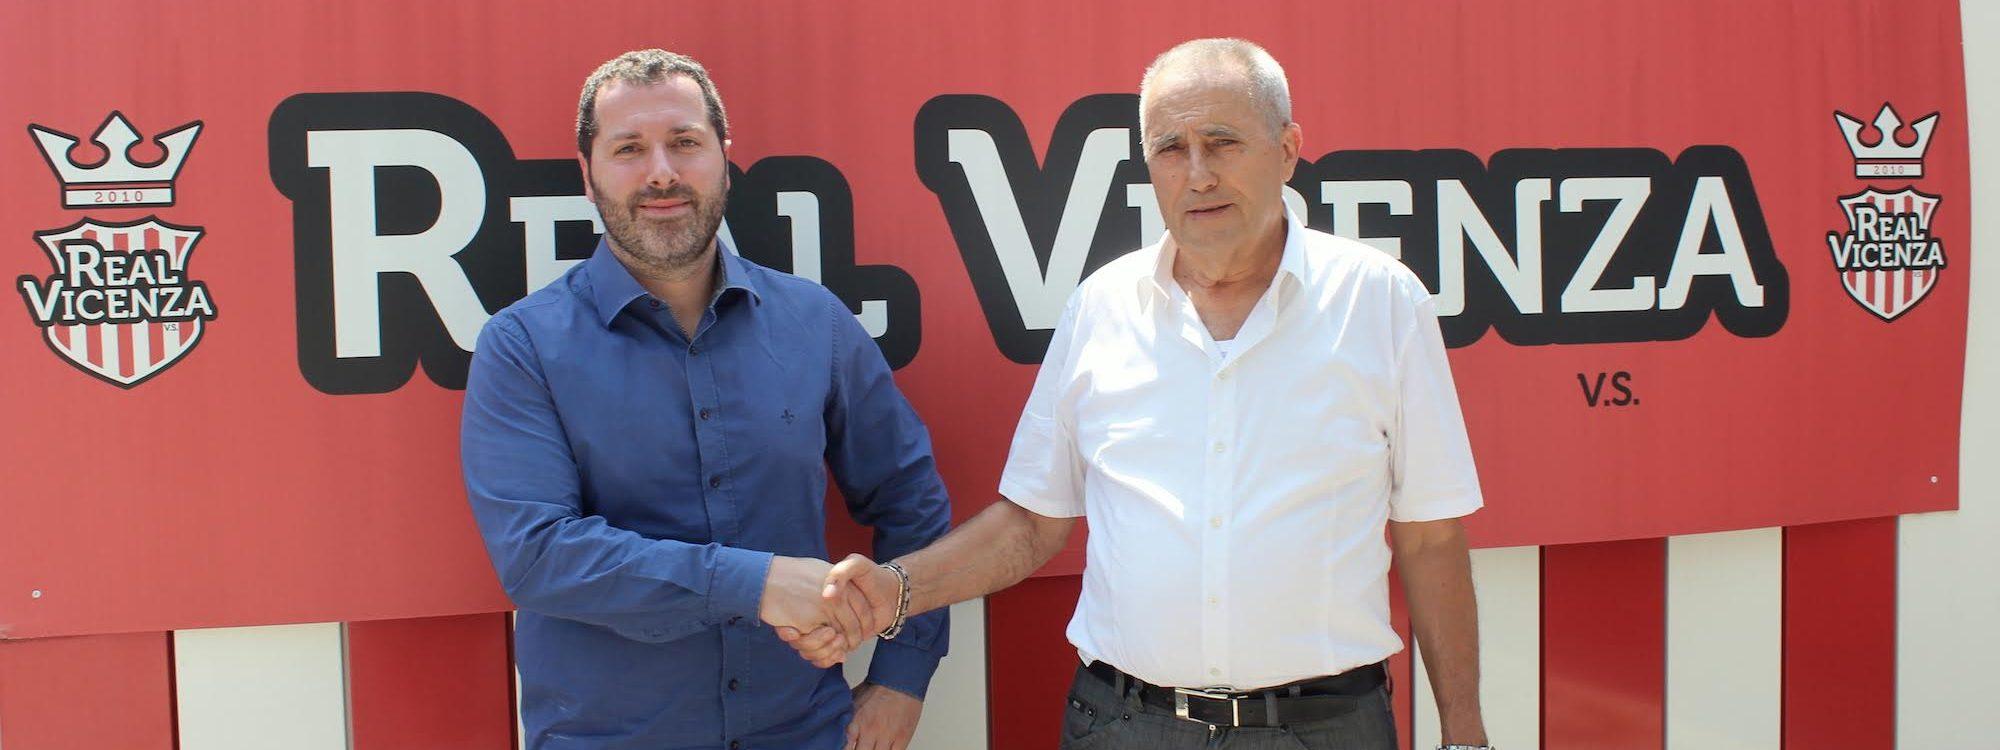 Ecco il nuovo Real Vicenza: parla il nuovo proprietario Davide Sannazzaro.